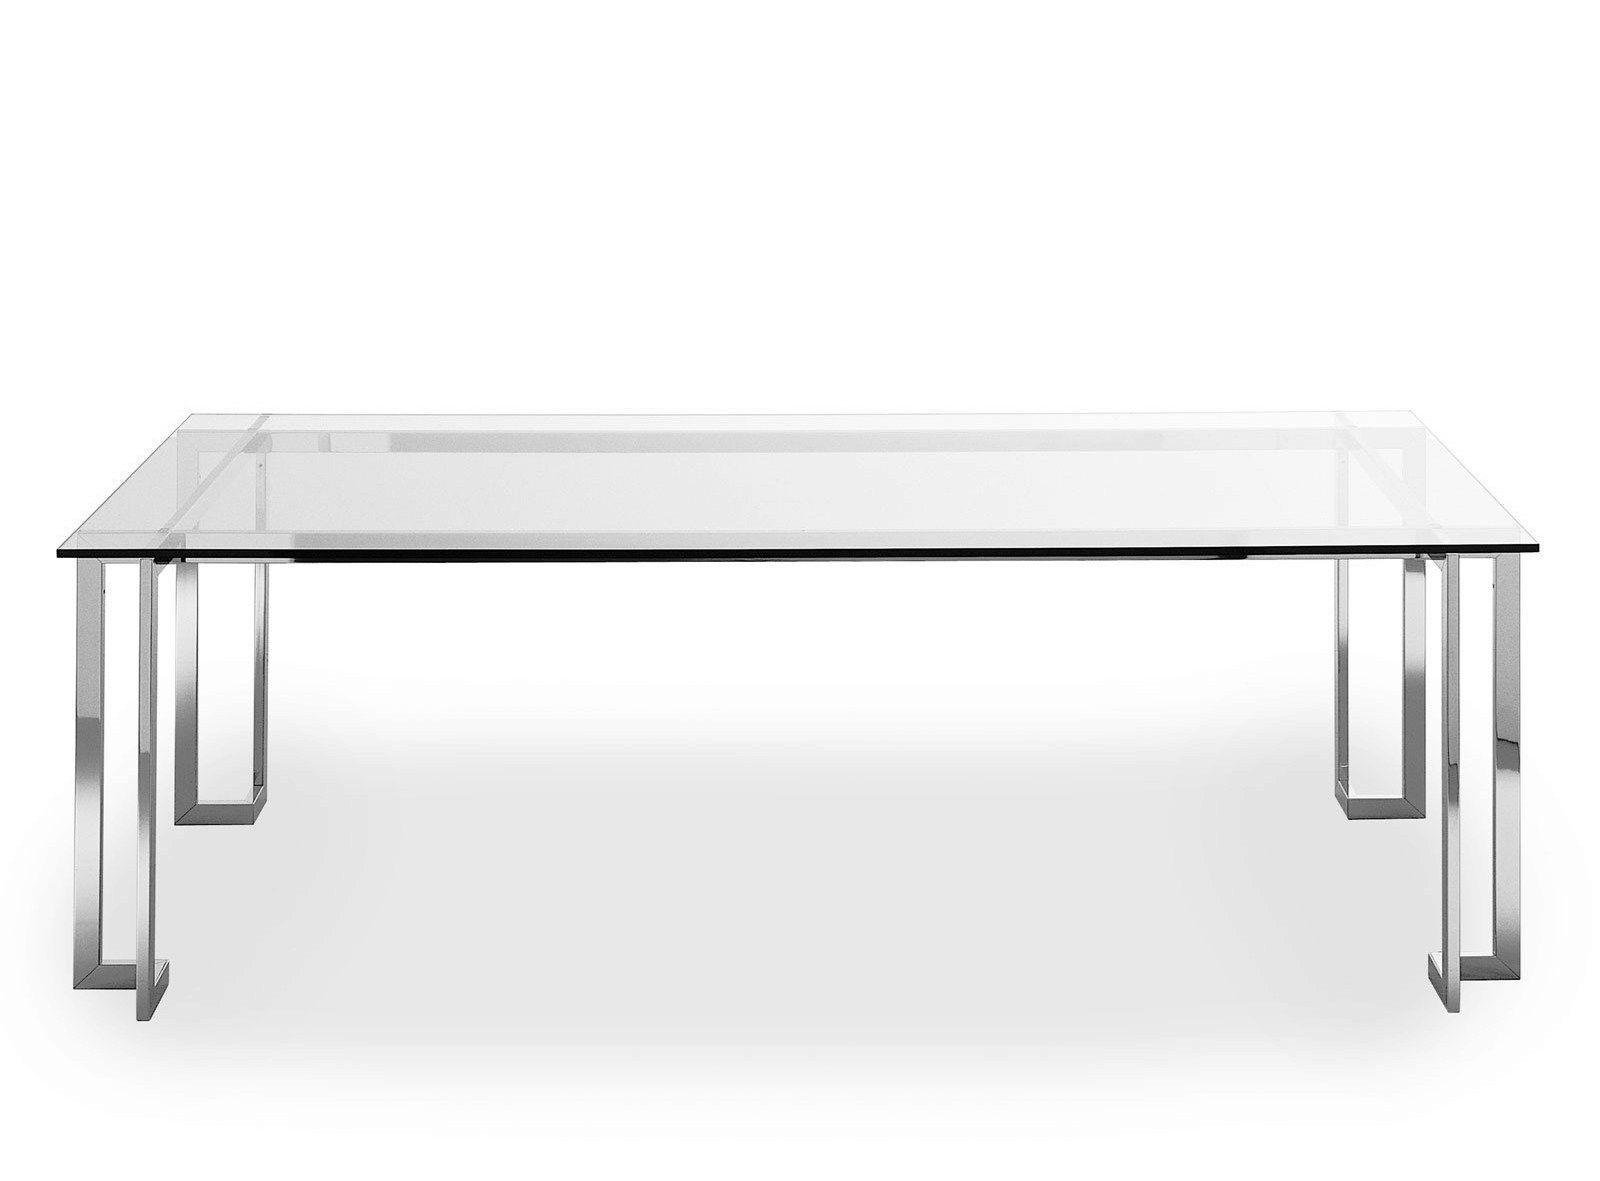 Dimensioni Standard Tavolo Cucina dimensioni tavolo da cucina. stunning altezza tavolo cucina